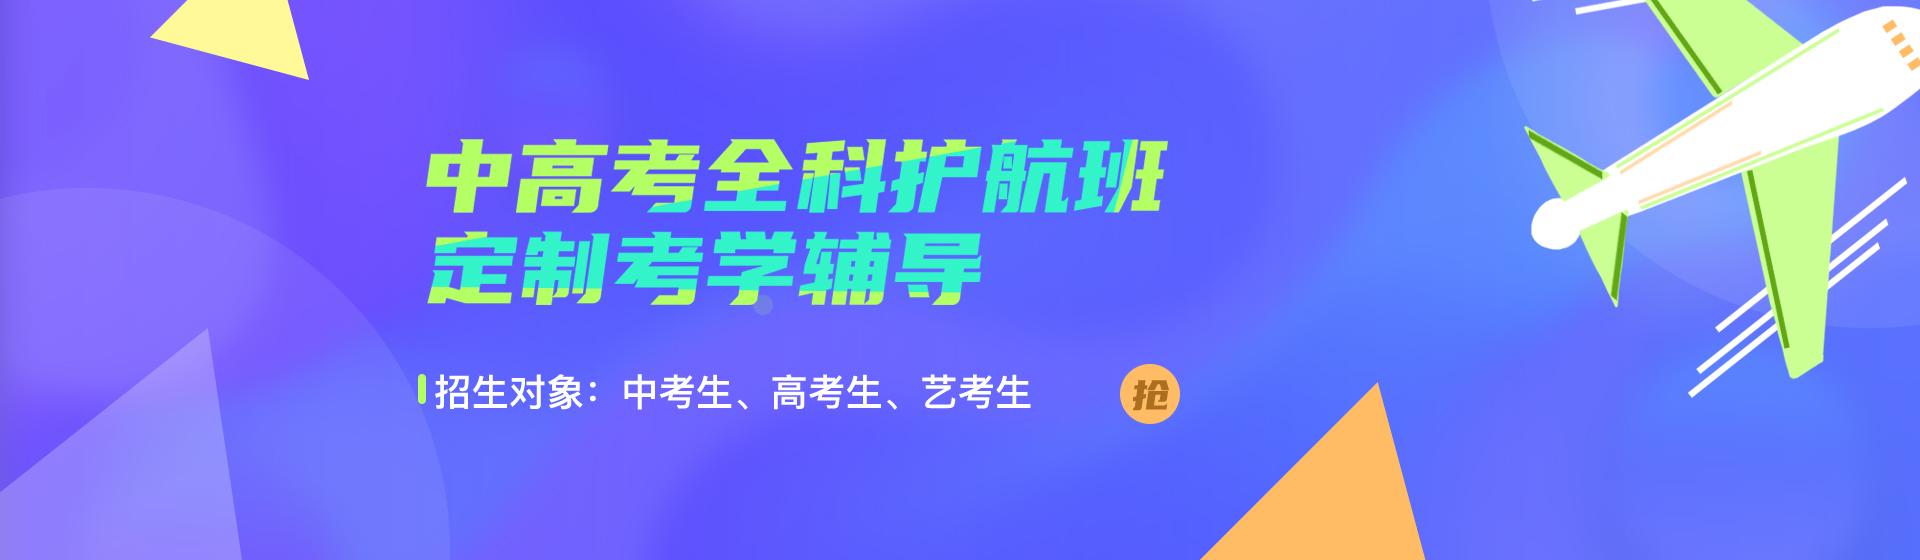 陕西中高考补习-伊顿名师补习学校-艺考文化课全日制补习